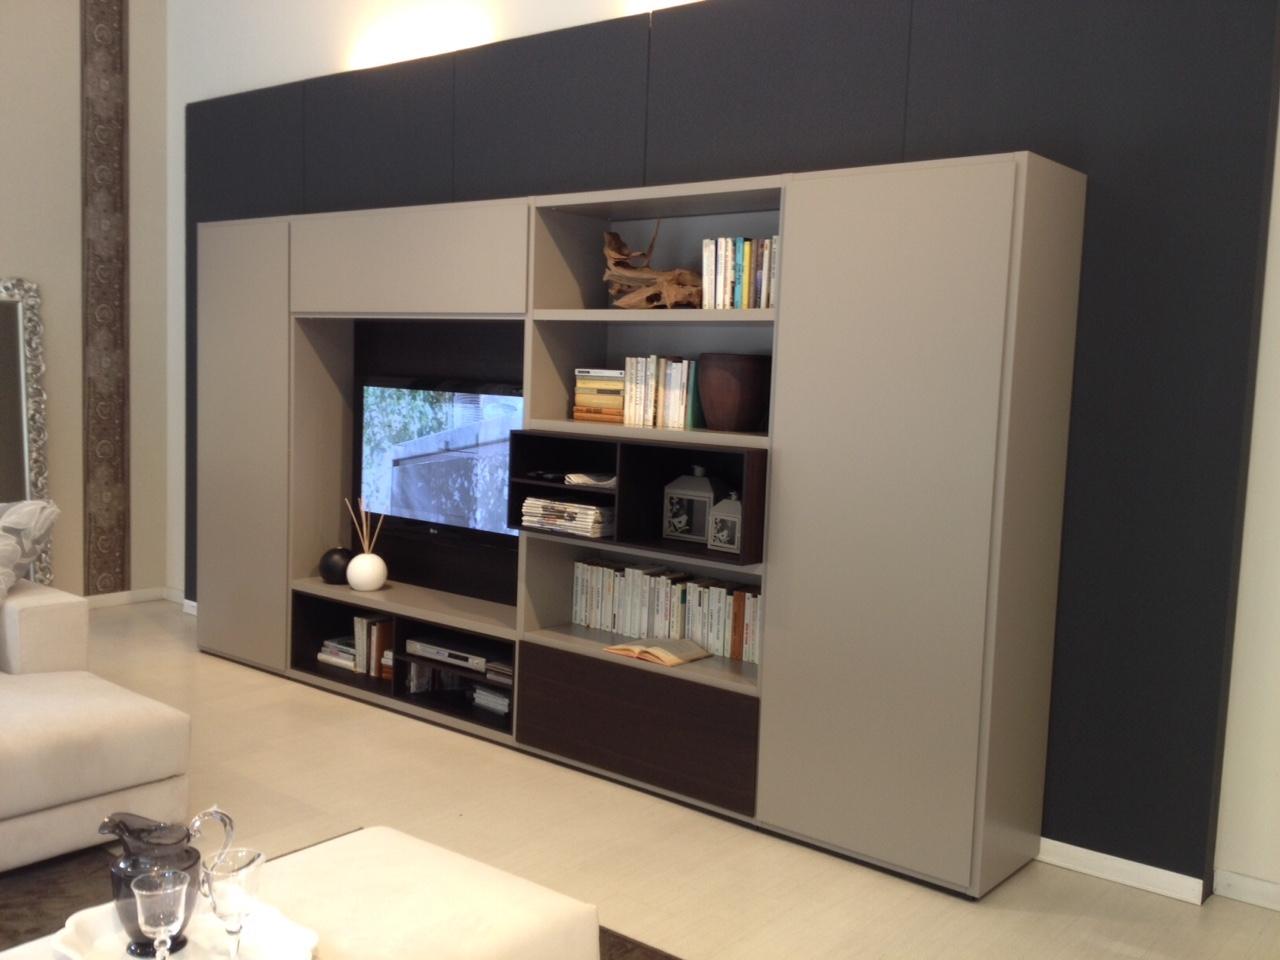 Poliform soggiorno wall system scontato del 37 for Armadi poliform prezzi